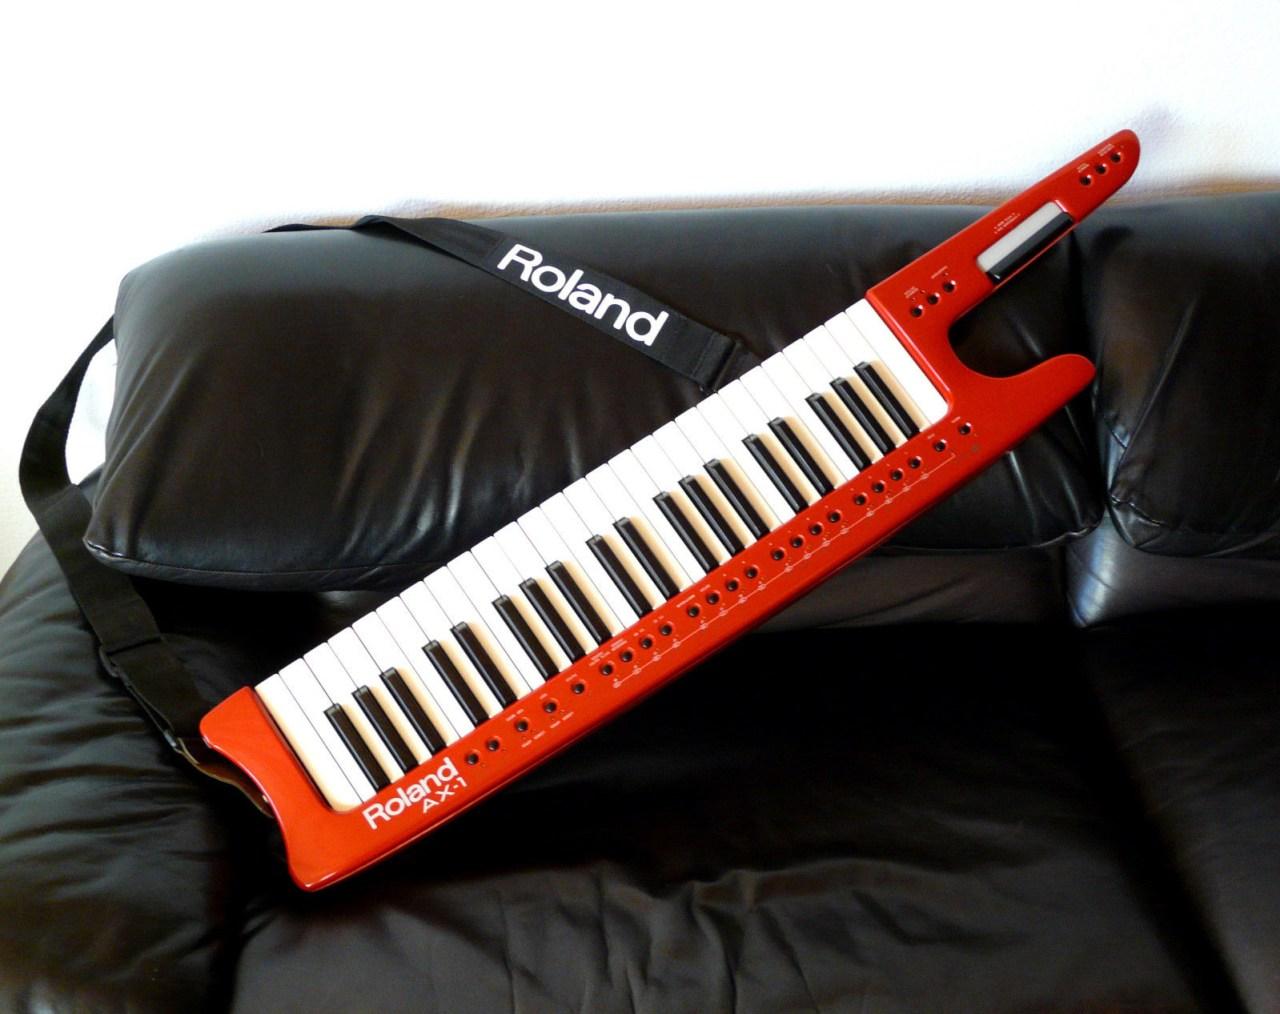 Keytar Central AX13